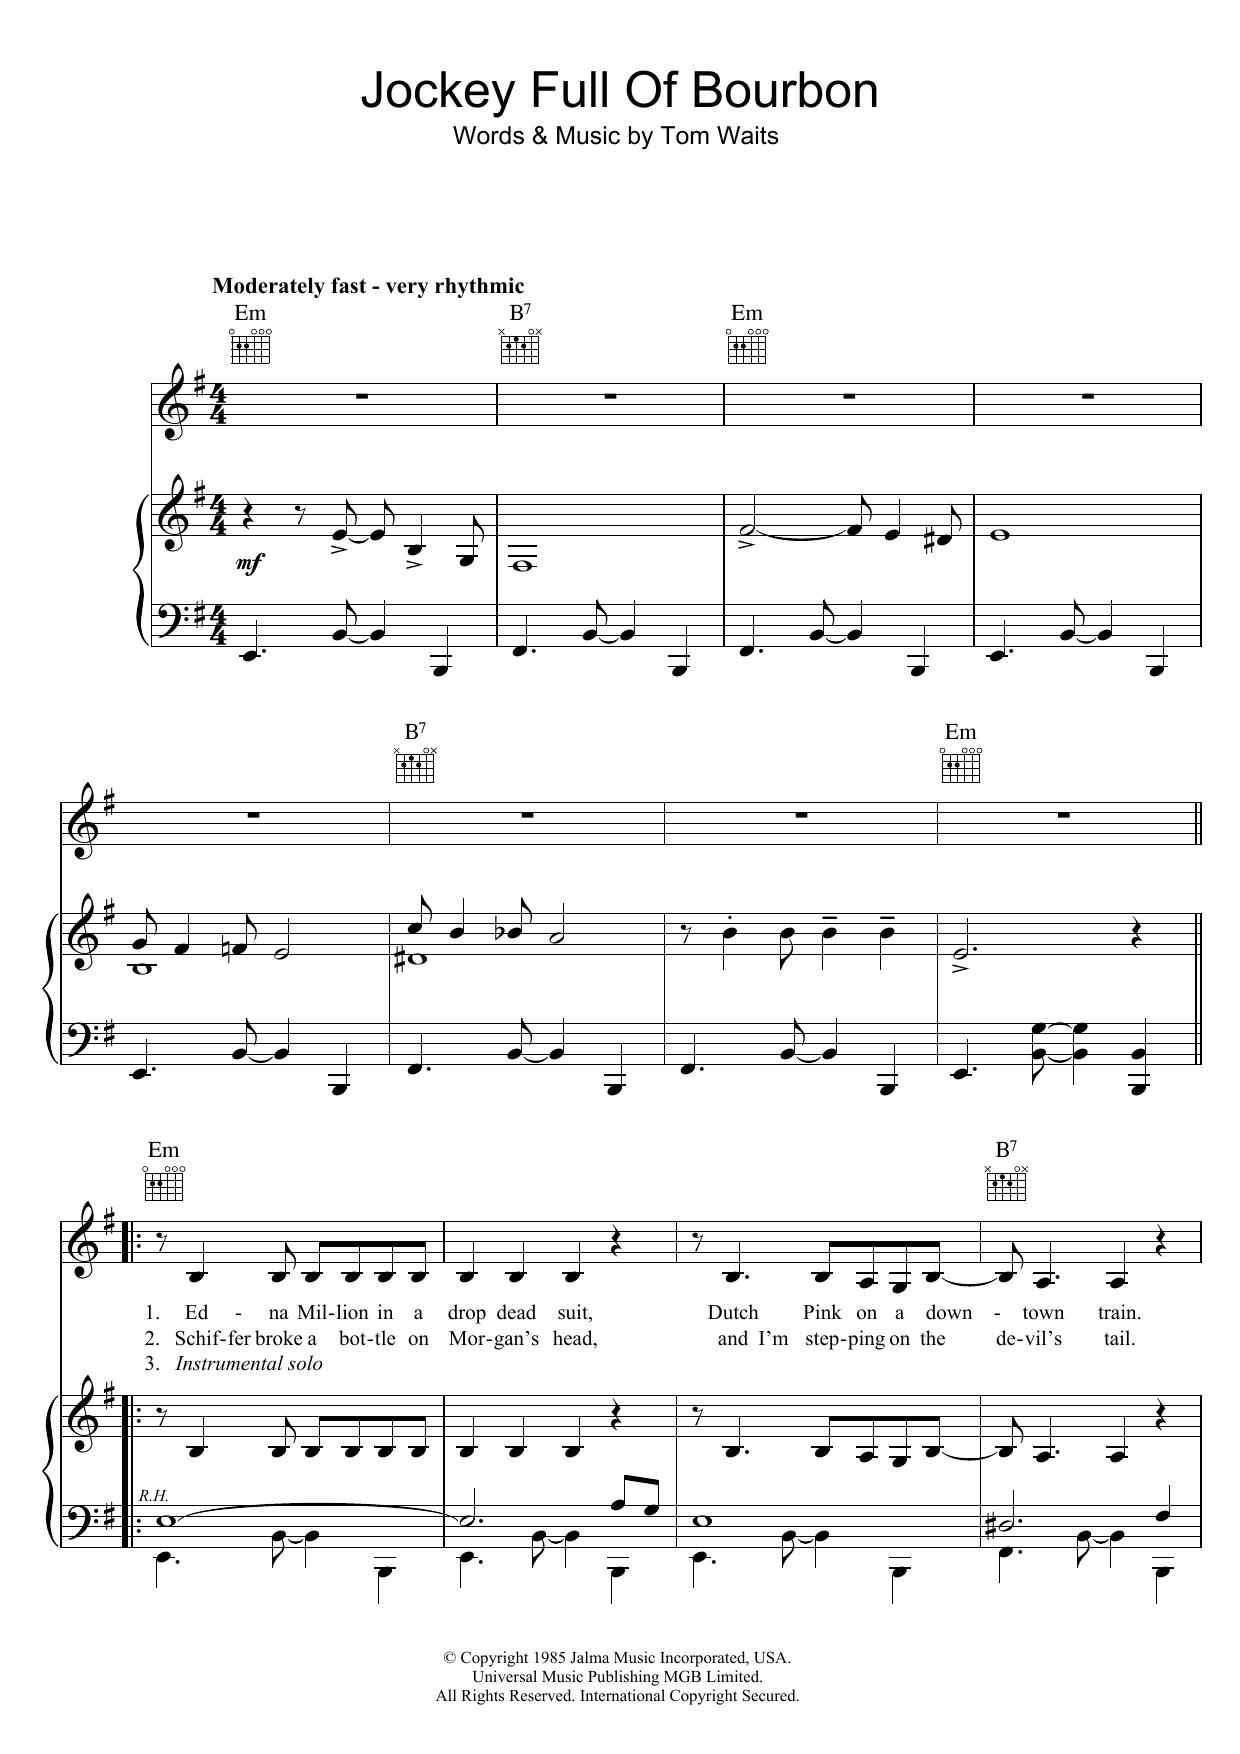 Jockey Full Of Bourbon Sheet Music